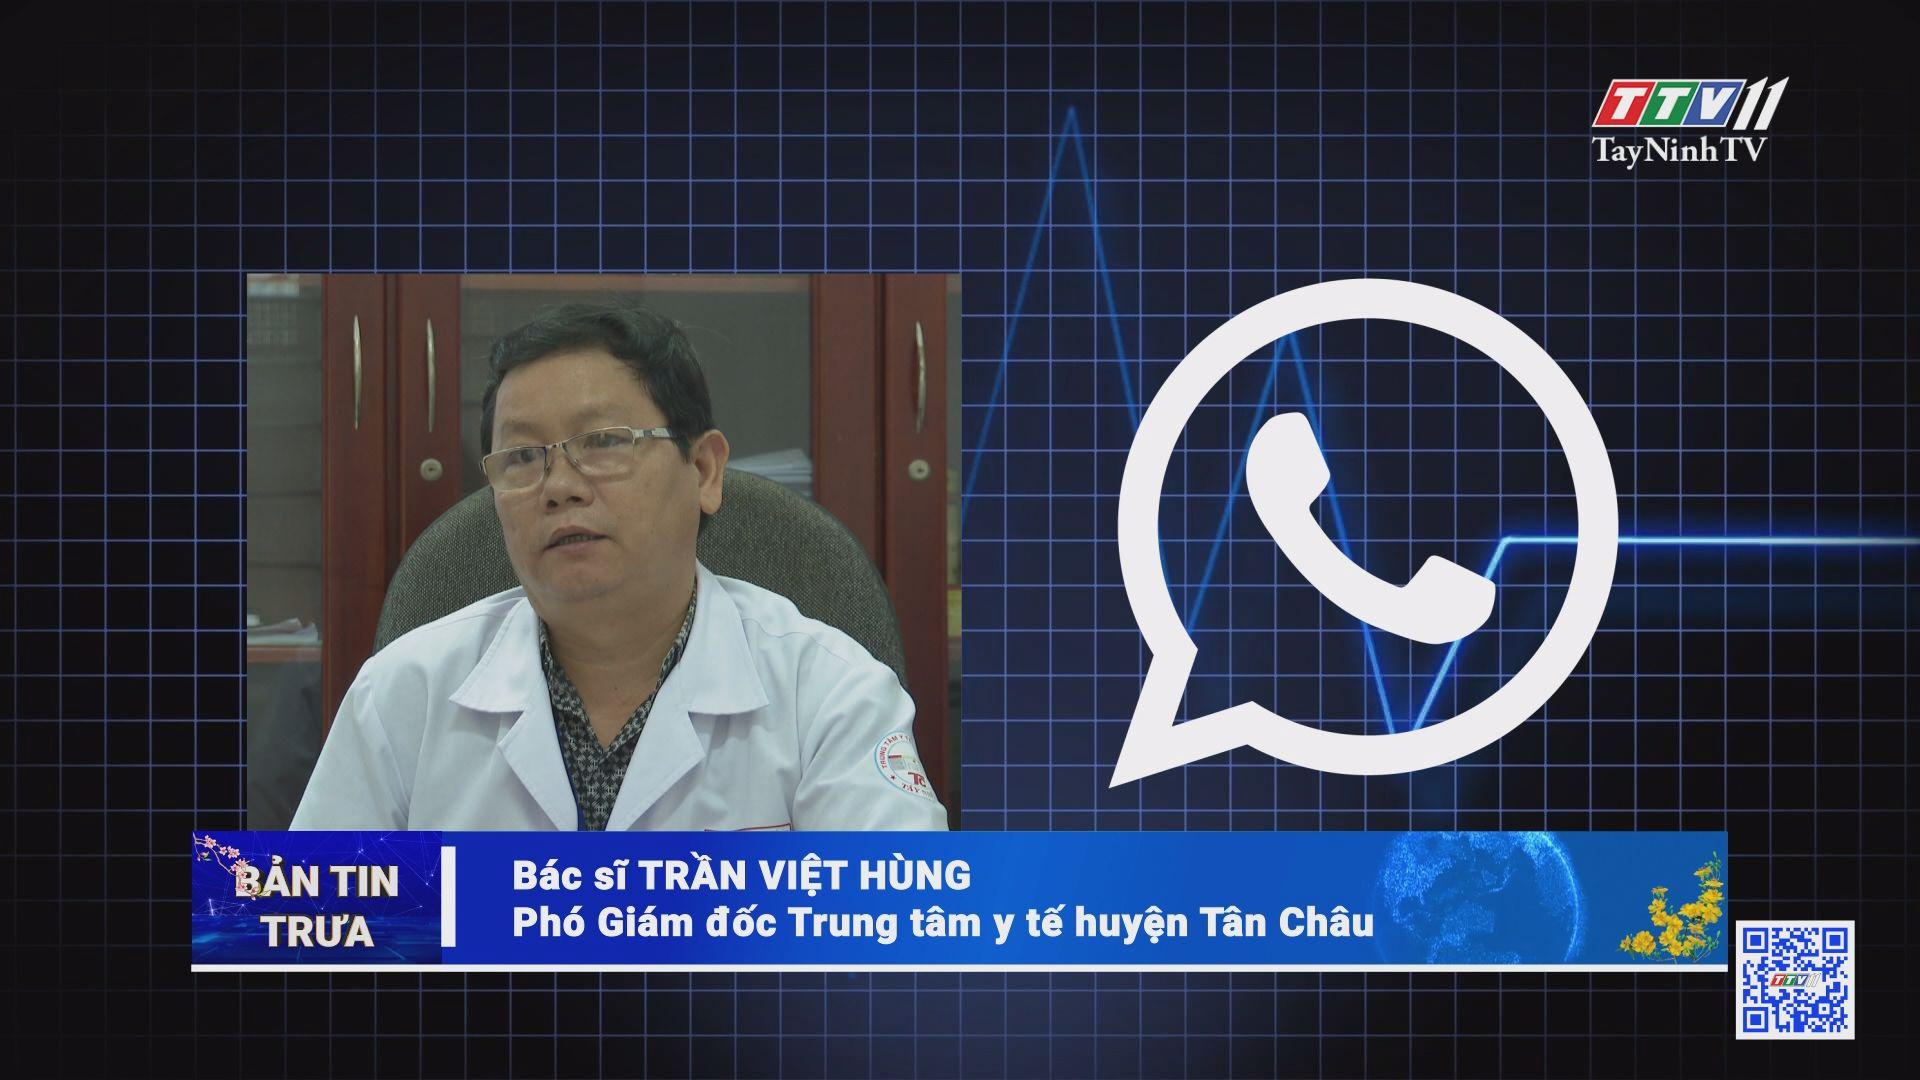 Trường hợp F1 tại huyện Tân Châu: âm tính lần 1 | THÔNG TIN DỊCH CÚM COVID-19 | TayNinhTV